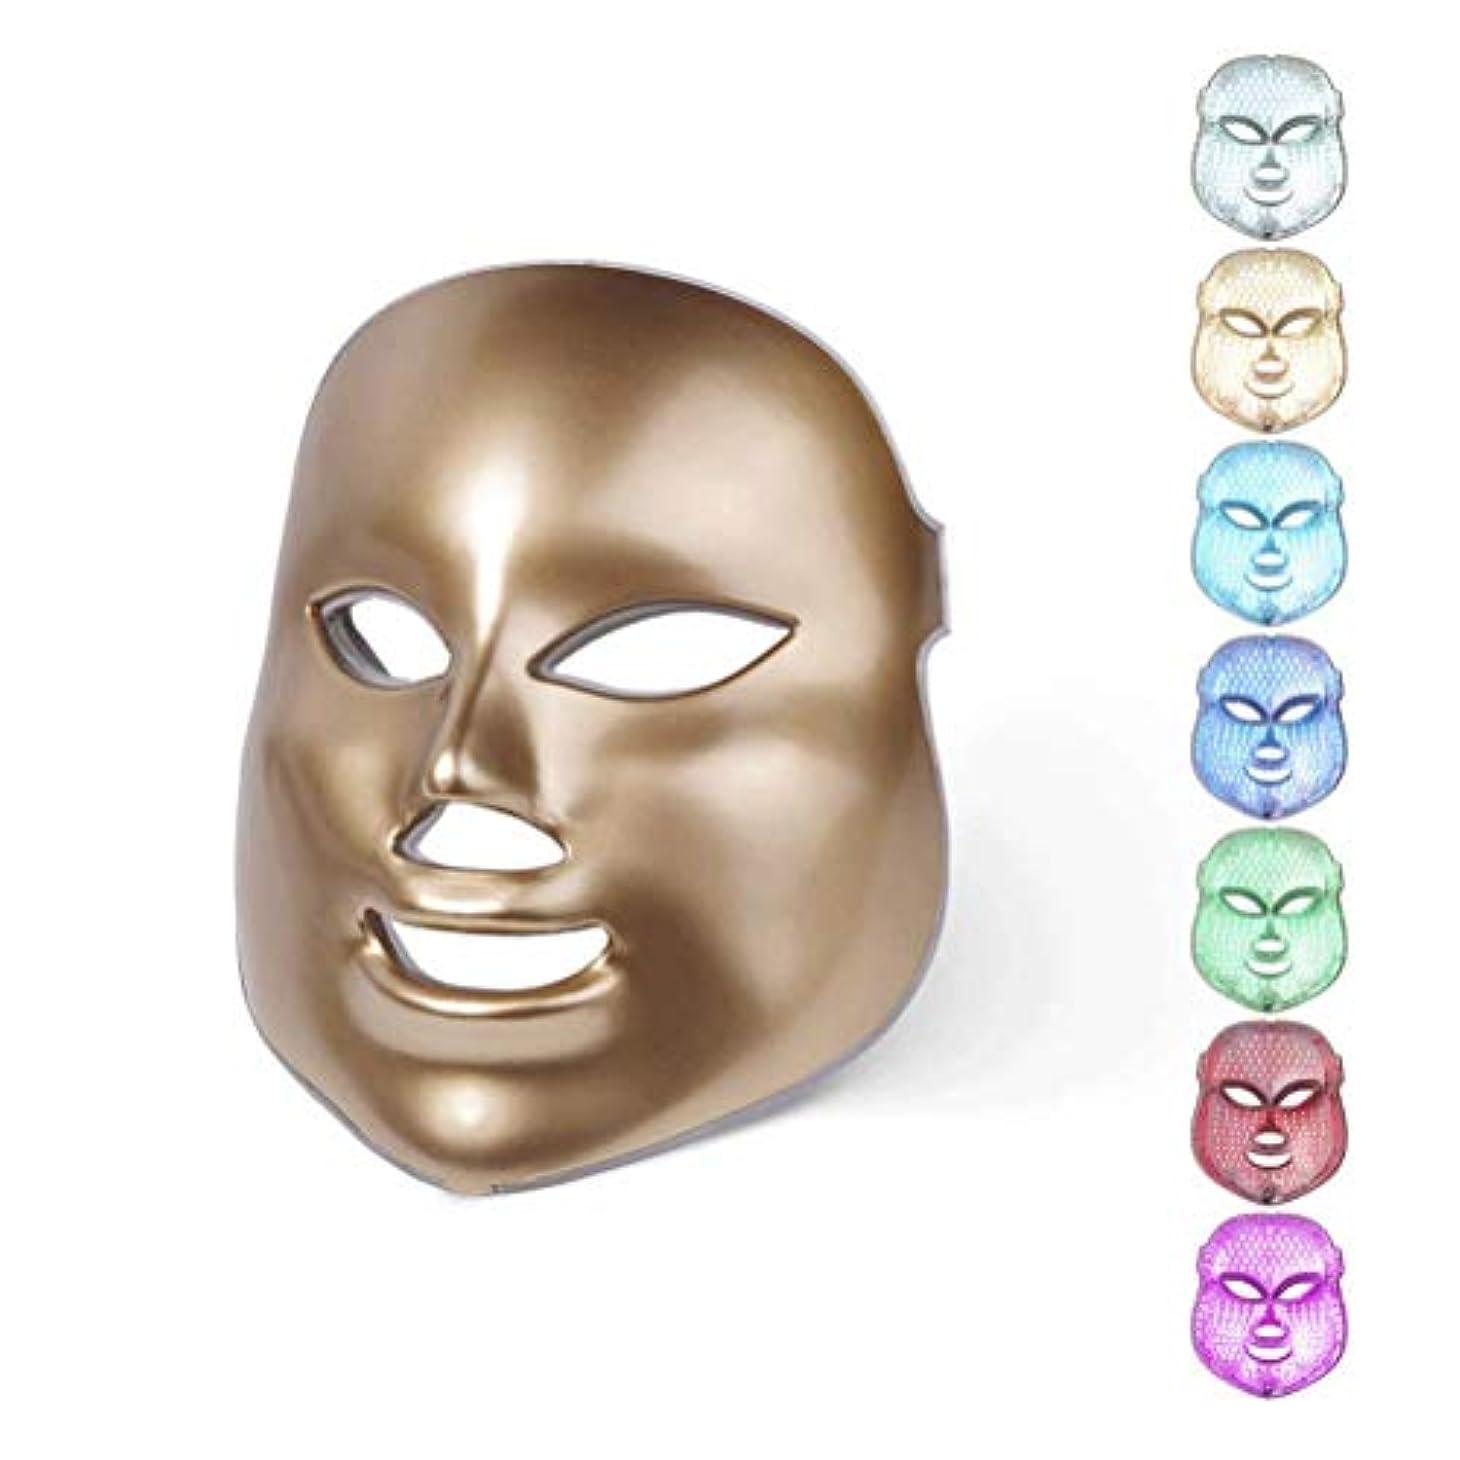 何でも乳製品先7カラーライトセラピーフェイスマスクは、LEDライトフェイスフォトンは、にきび削減リンクル肌の若返りのために毛穴スキンケアセラピー?フェイシャル美容サロンPDT技術を締めマスク